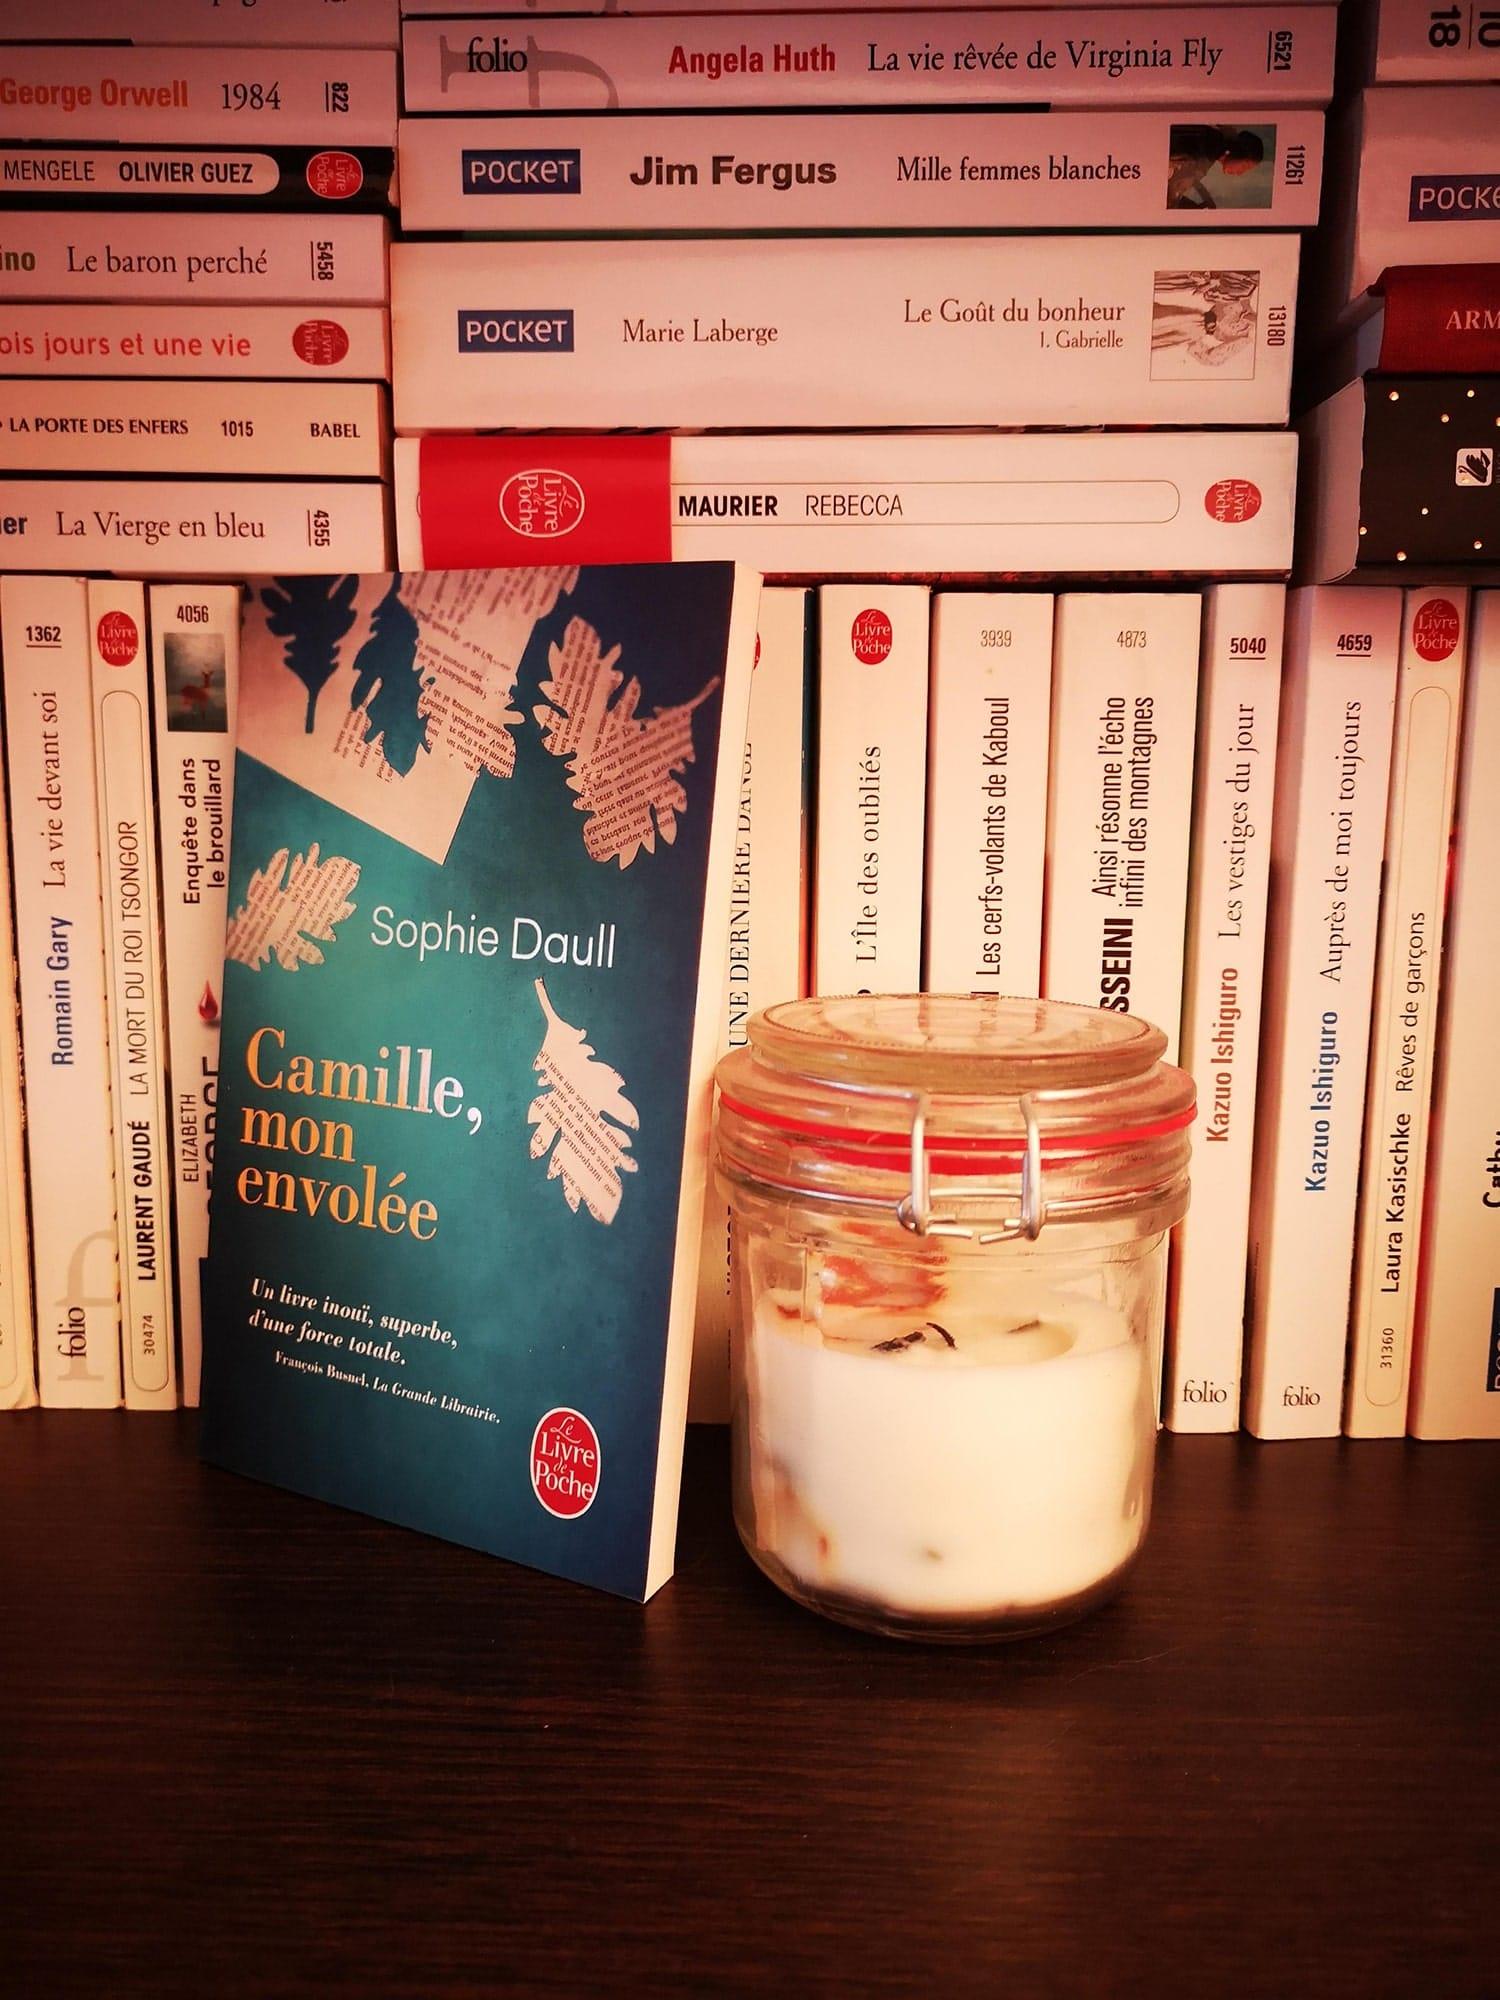 Camille, mon envolée, Sophie Daull – 2015 – Ed. Le Livre de Poche, 189 p.